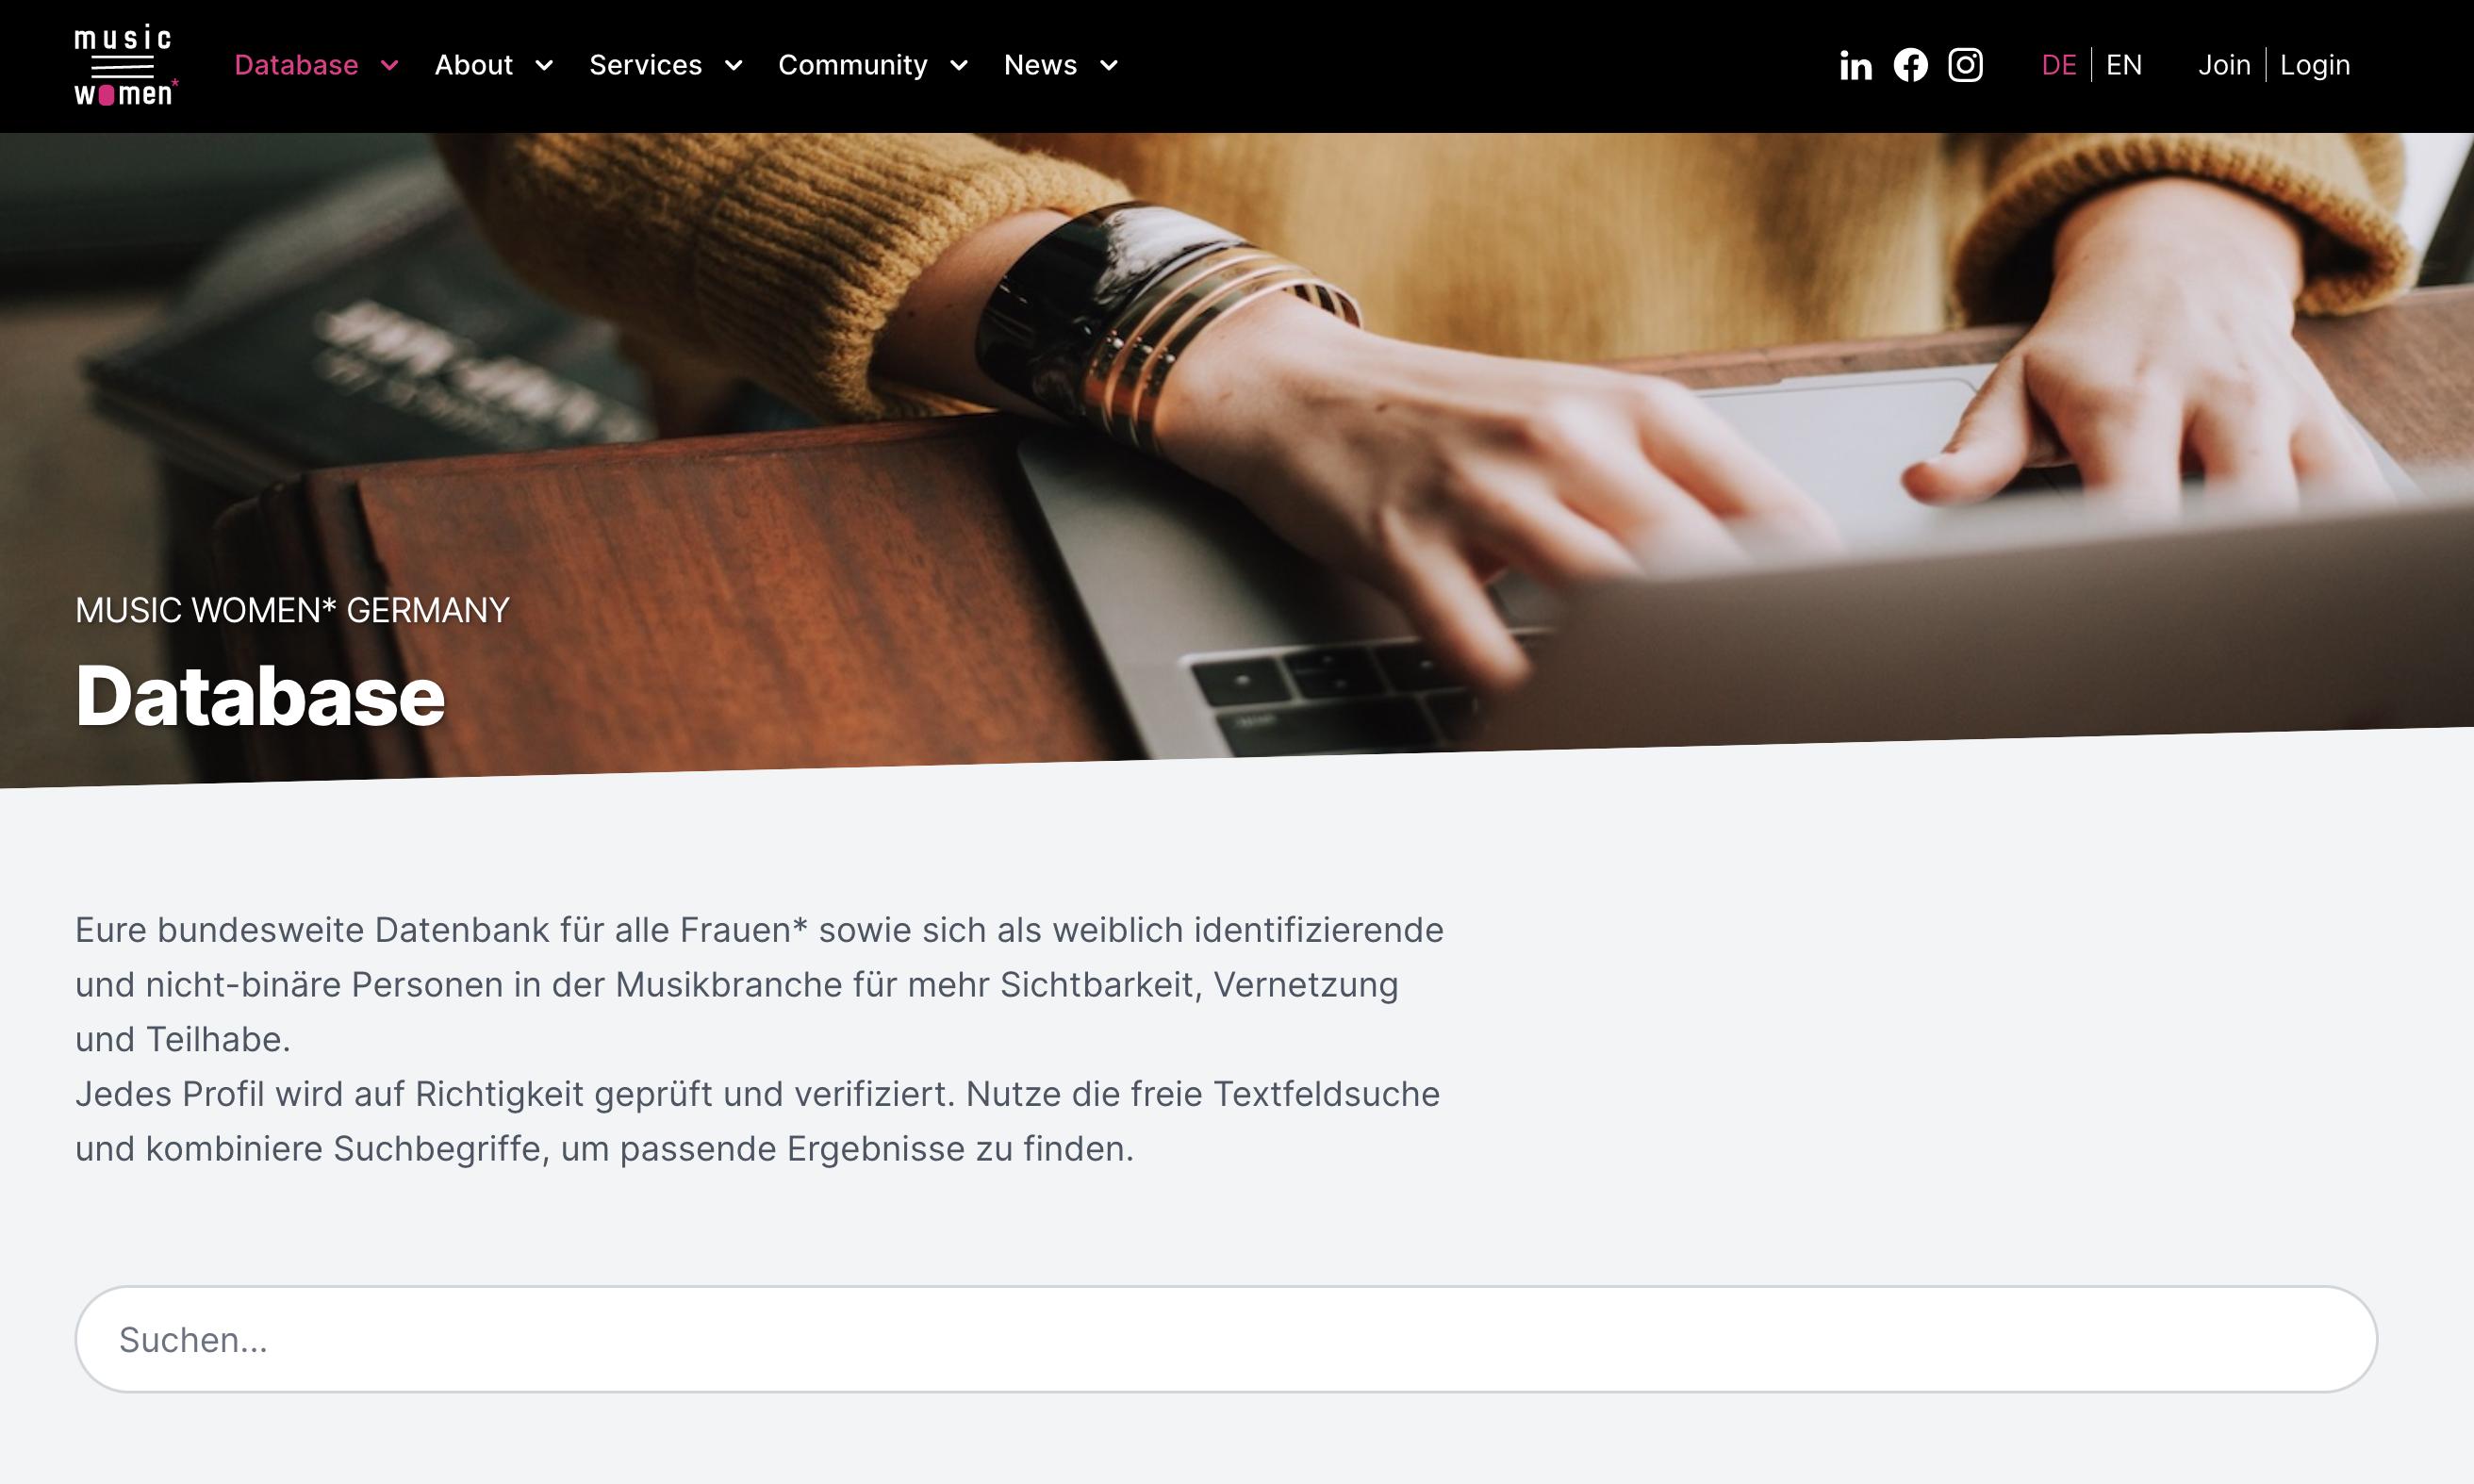 Screenshot einer Website. Neben der Überschrift Database sind Hände an einem Laptop zu sehen.